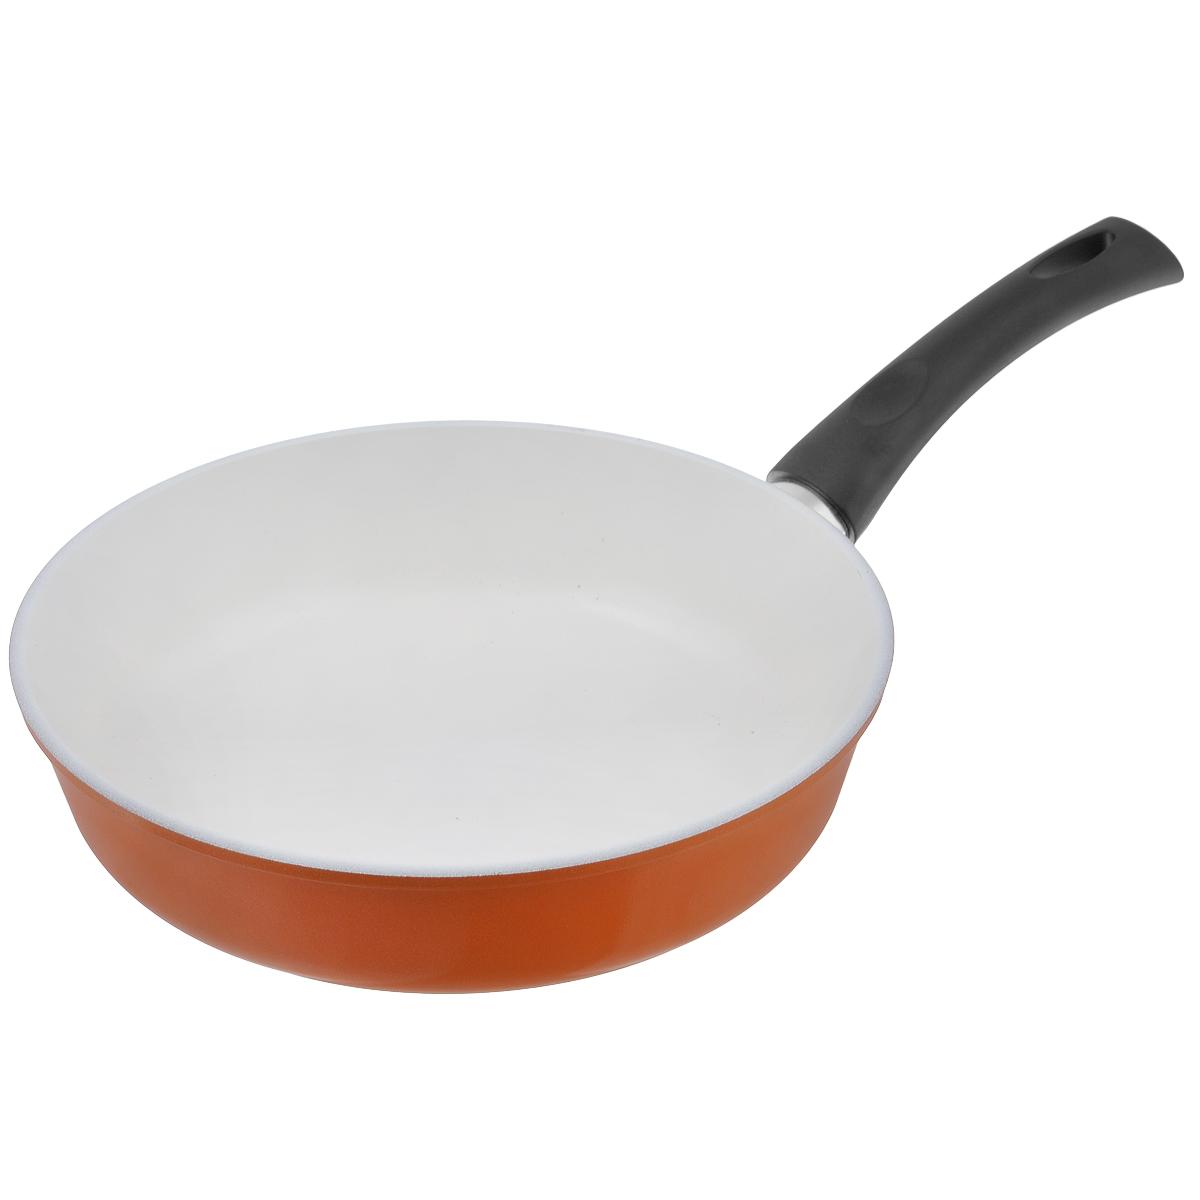 Сковорода Ecoway Сахарная тыква, с керамическим покрытием. Диаметр 26 см202126Сковорода Ecoway Сахарная тыква изготовлена из литого алюминия с немецким керамическим противопригарным покрытием. Оно не выделяет вредных веществ даже при температуре 400°С, отличается экологичностью, так как не содержит вредных примесей PFOA и PTFE.Пища, приготовленная в этой сковороде, имеет удивительный вкус. Благодаря качественному керамическому покрытию пища поджарится, но не пригорит. Литой корпус с утолщенным дном позволит готовить при правильных температурах (не выше 250°С), а значит, блюдо будет сочным и богатым витаминами. При приготовлении можно использовать металлические аксессуары. Удобная съемная ручка выполнена из пластика.Подходит для стеклокерамических, электрических и газовых плит, духового шкафа.Диаметр: 26 см.Высота стенки: 6,8 см.Толщина стенки: 4 мм.Толщина дна: 6 мм.Длина ручки: 18 см.